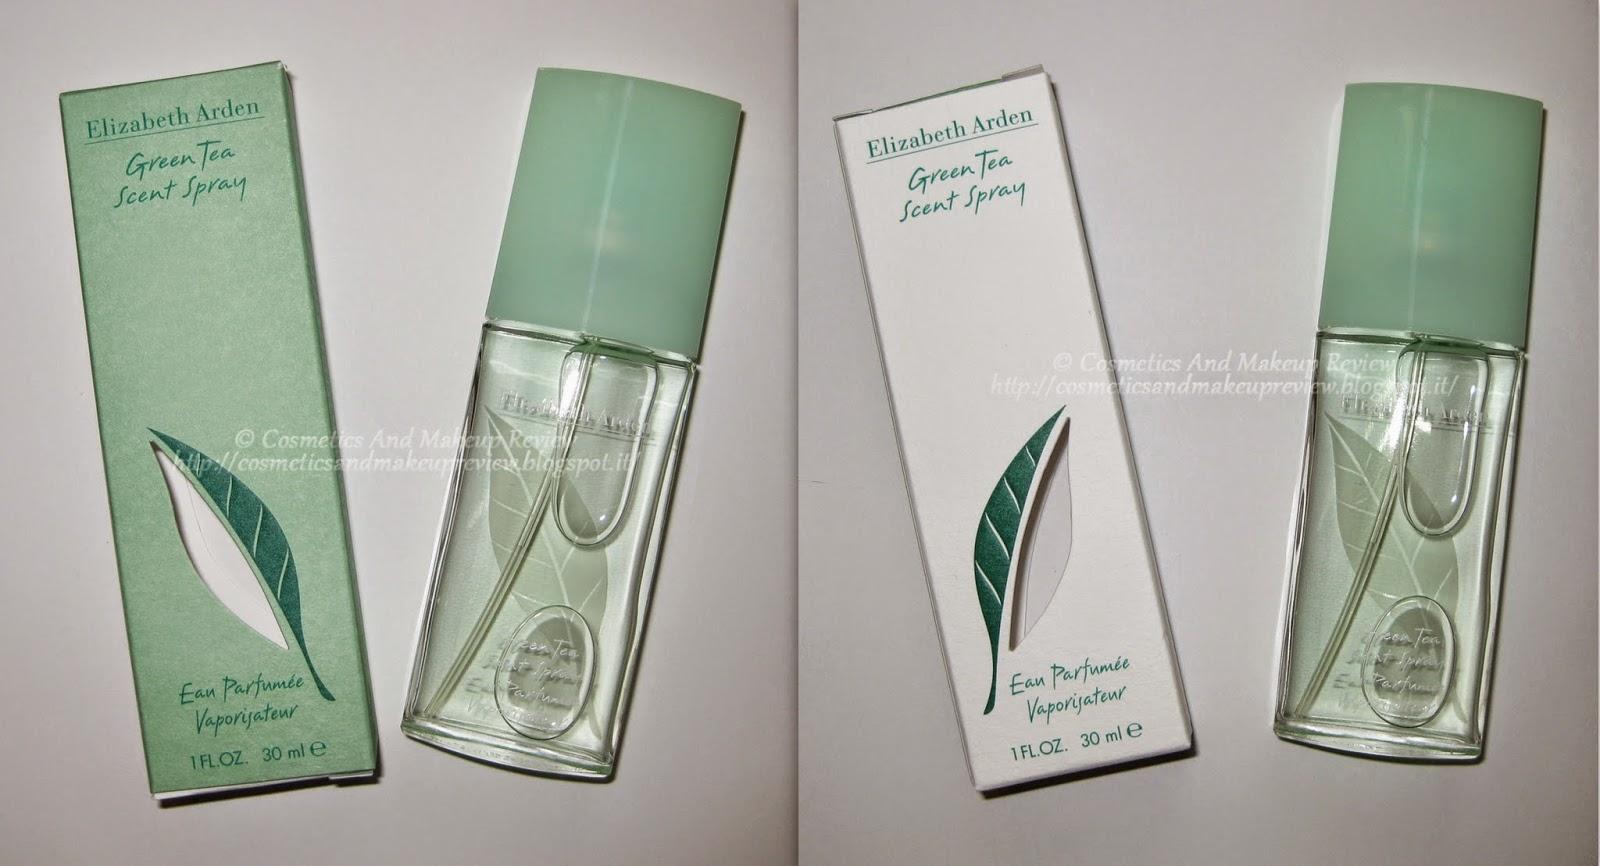 Elizabeth Arden - Green Tea Scent Spray - Eau Parfumée Vaporisateur - descrizione